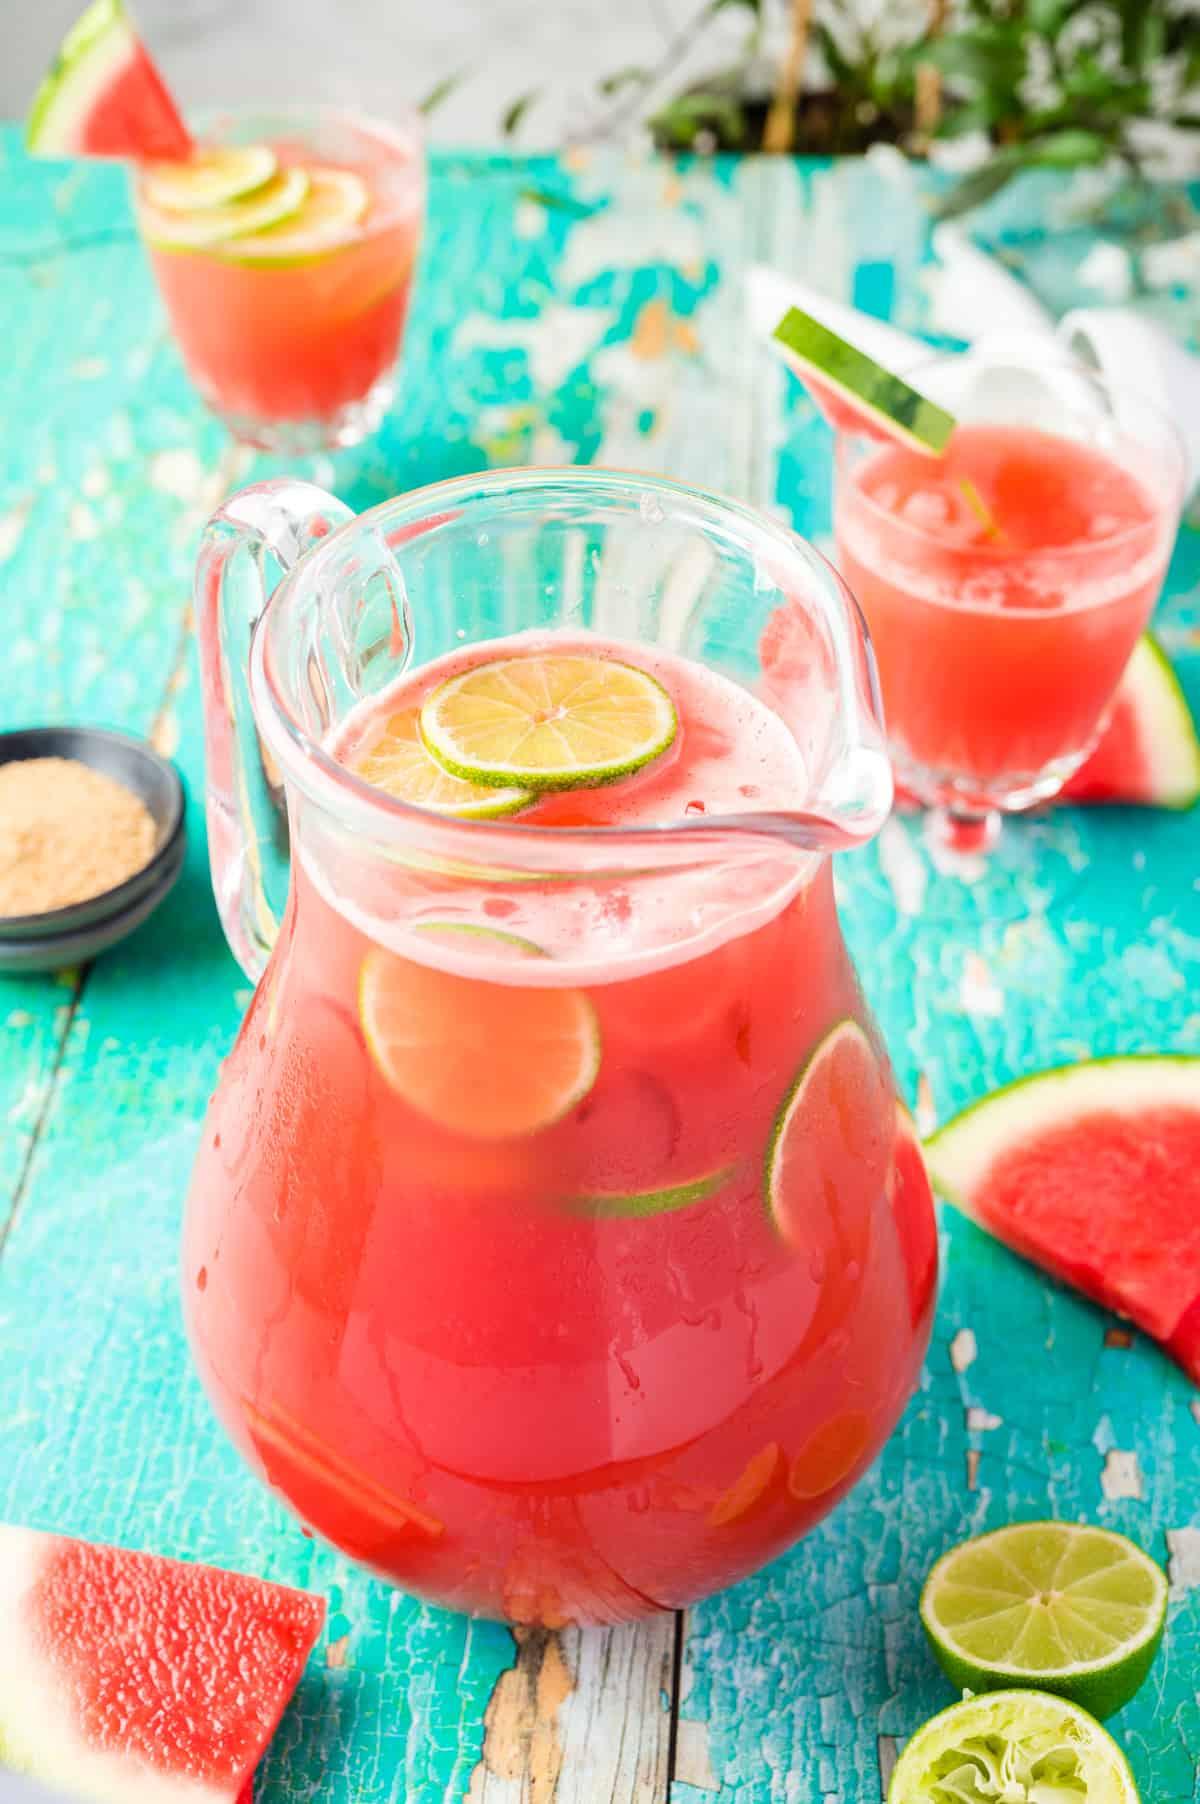 Wassermelonen-Gin-Cocktail im Krug